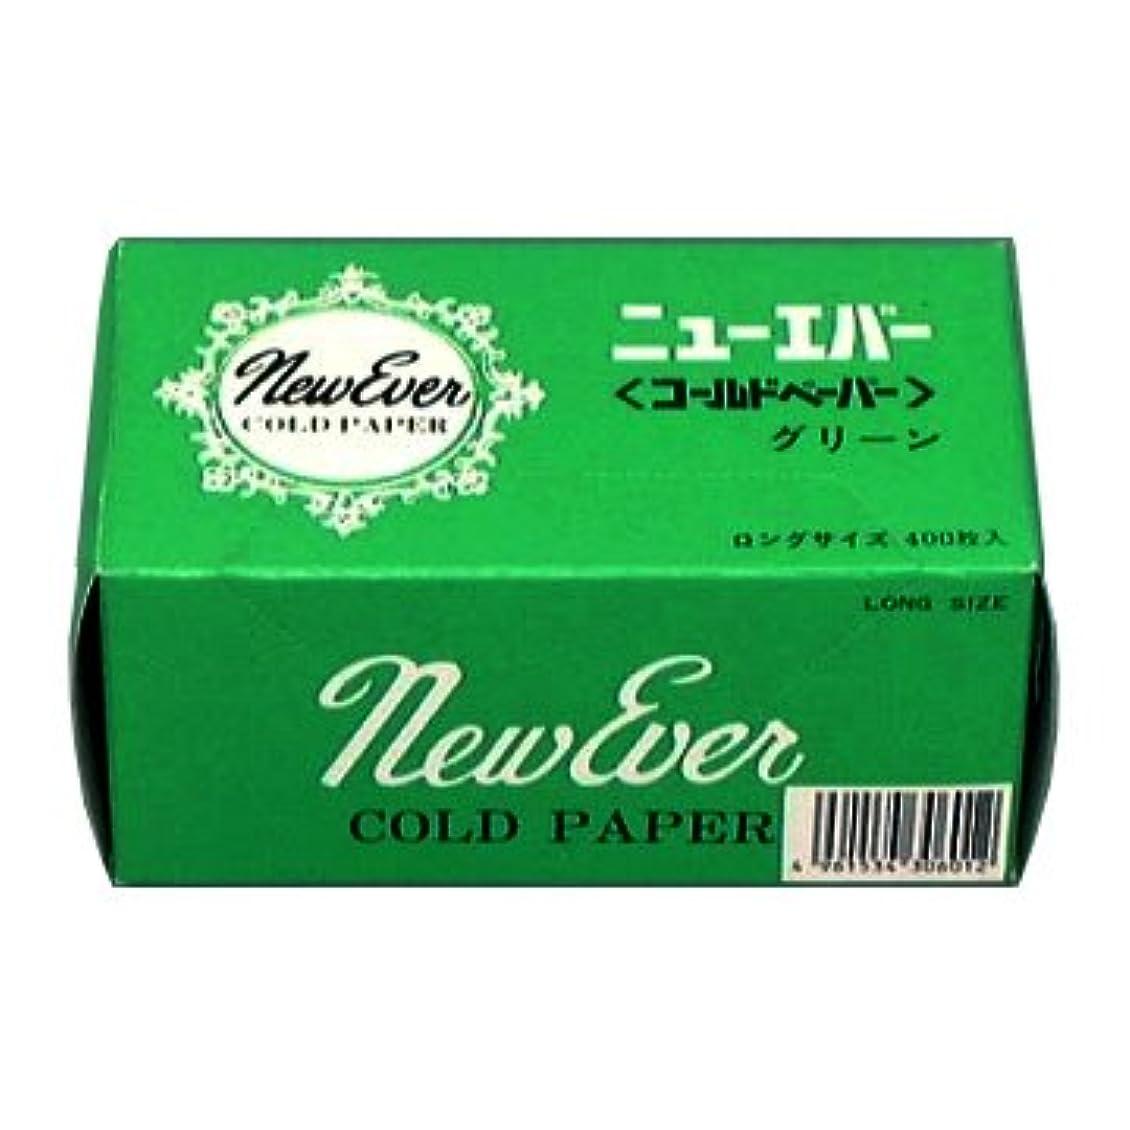 日曜日見かけ上つば米正 ニューエバー コールドペーパー グリーン ロングサイズ 400枚入